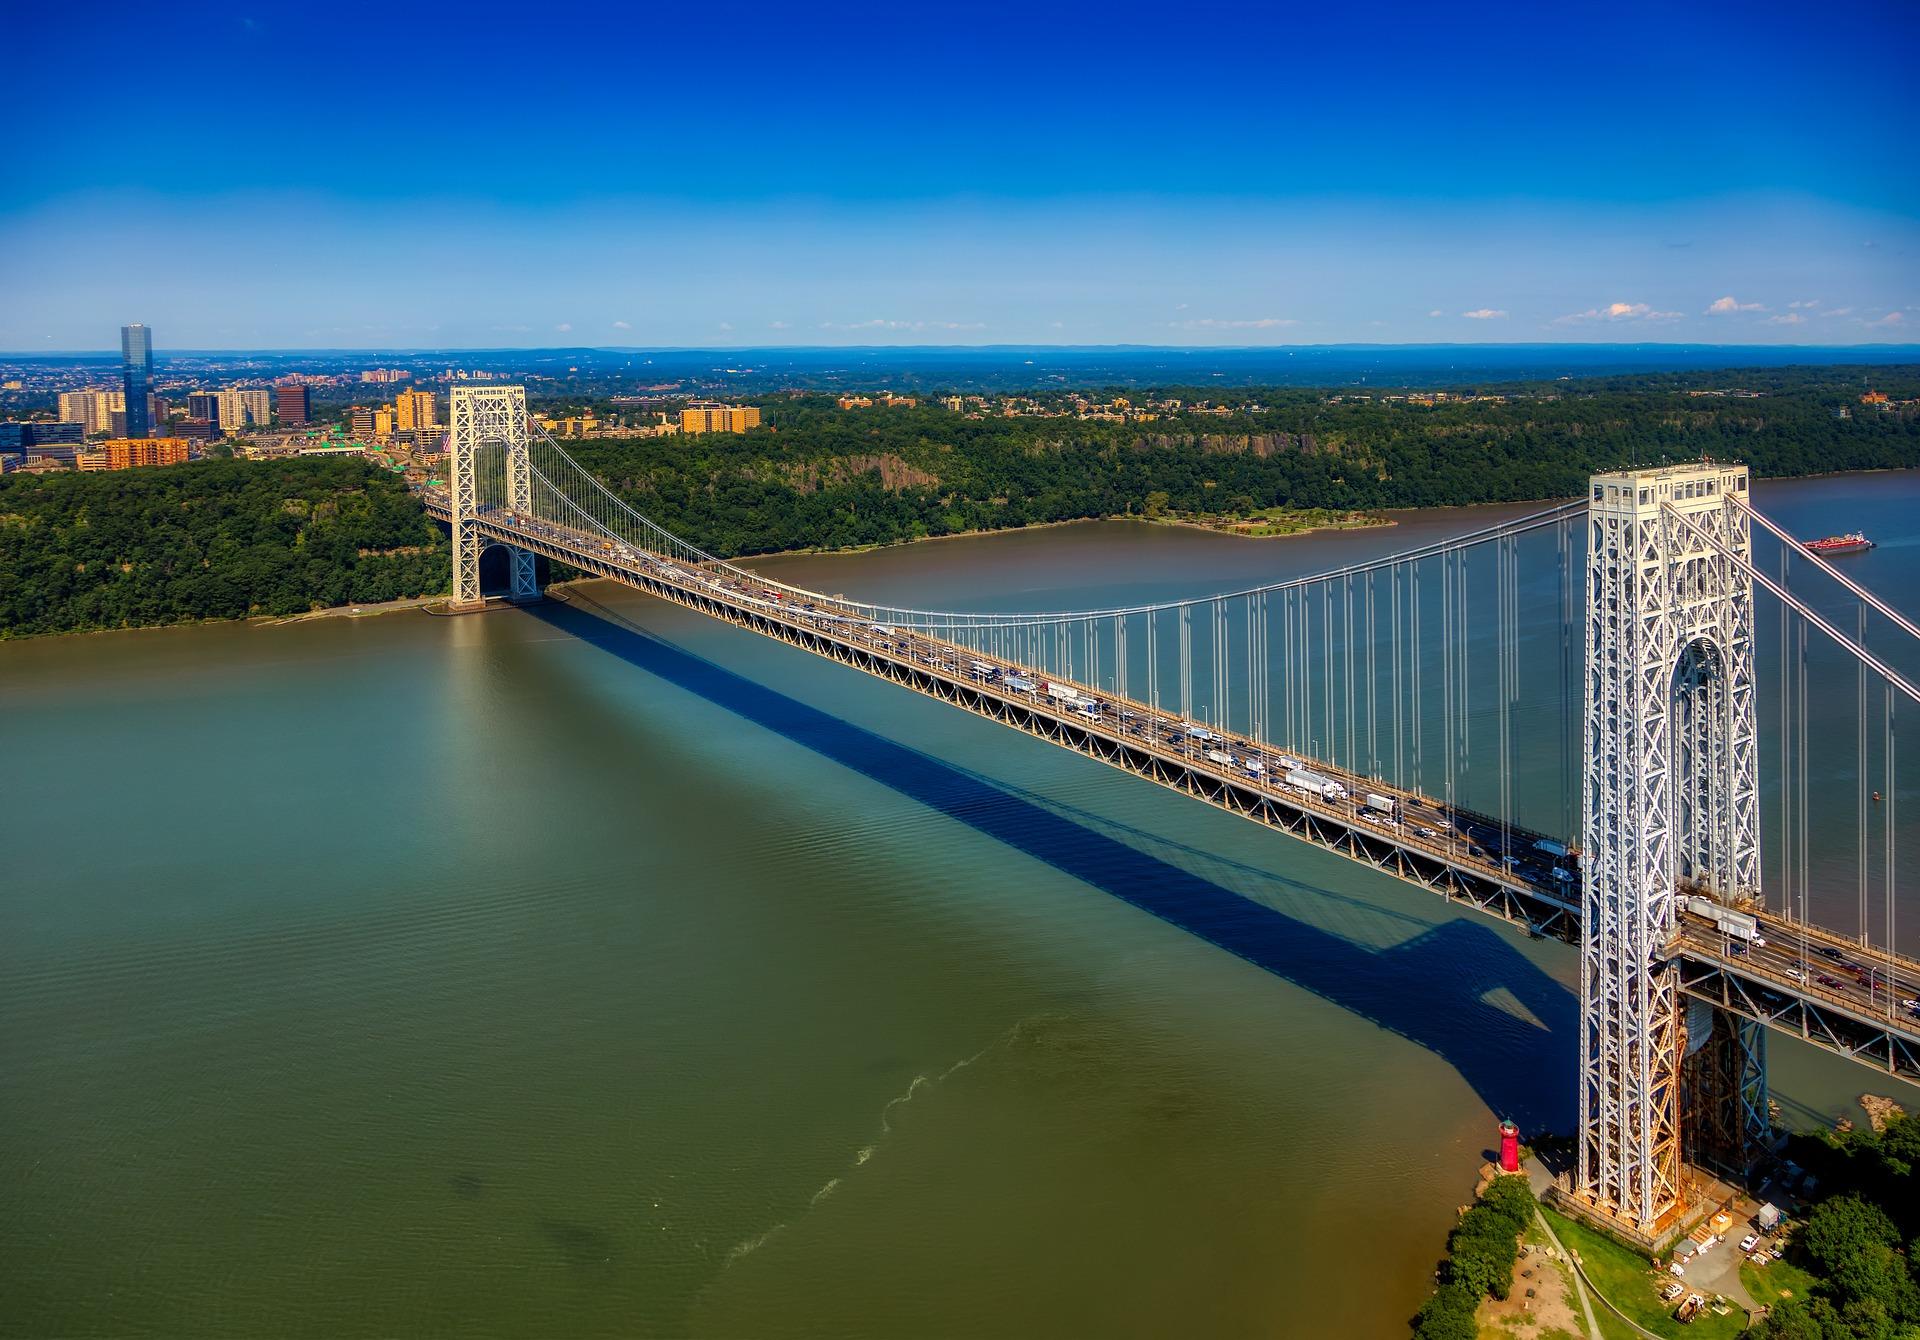 Die George Washington Bridge: eine der wichtigsten Verbindungen zwischen Manhattan und New Jersey. Eingeweiht 1931.